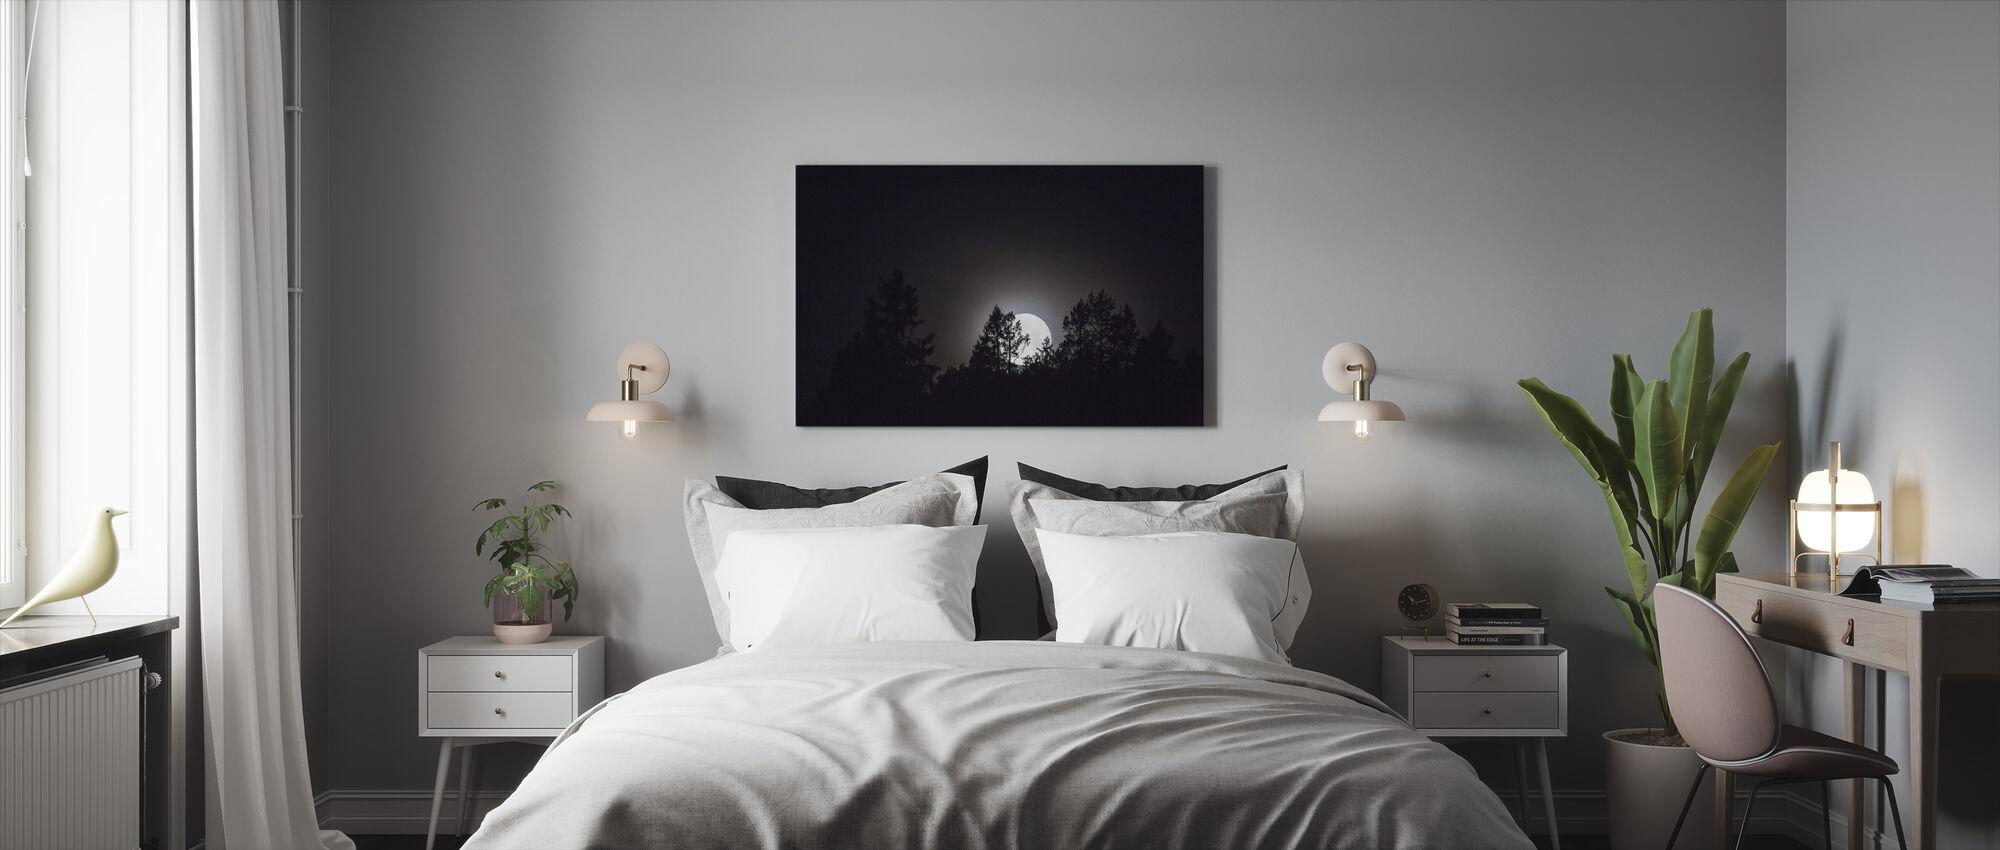 Måneskin over Medelpad, Sverige, Europa - Billede på lærred - Soveværelse